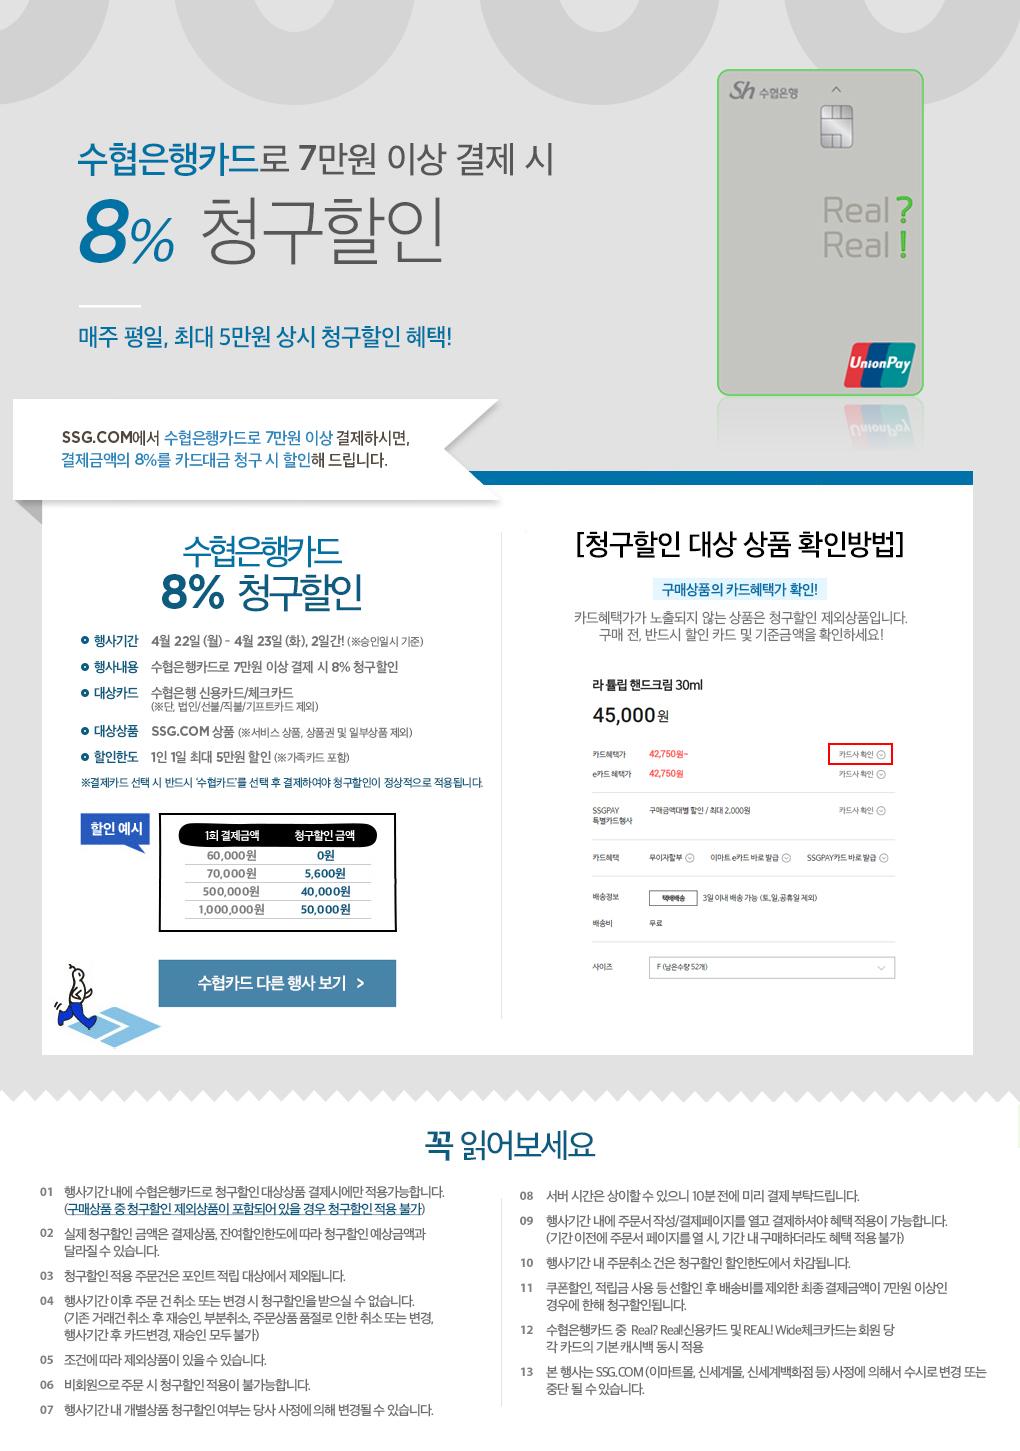 수협은행카드 7만원이상 결제 시 8% 청구할인